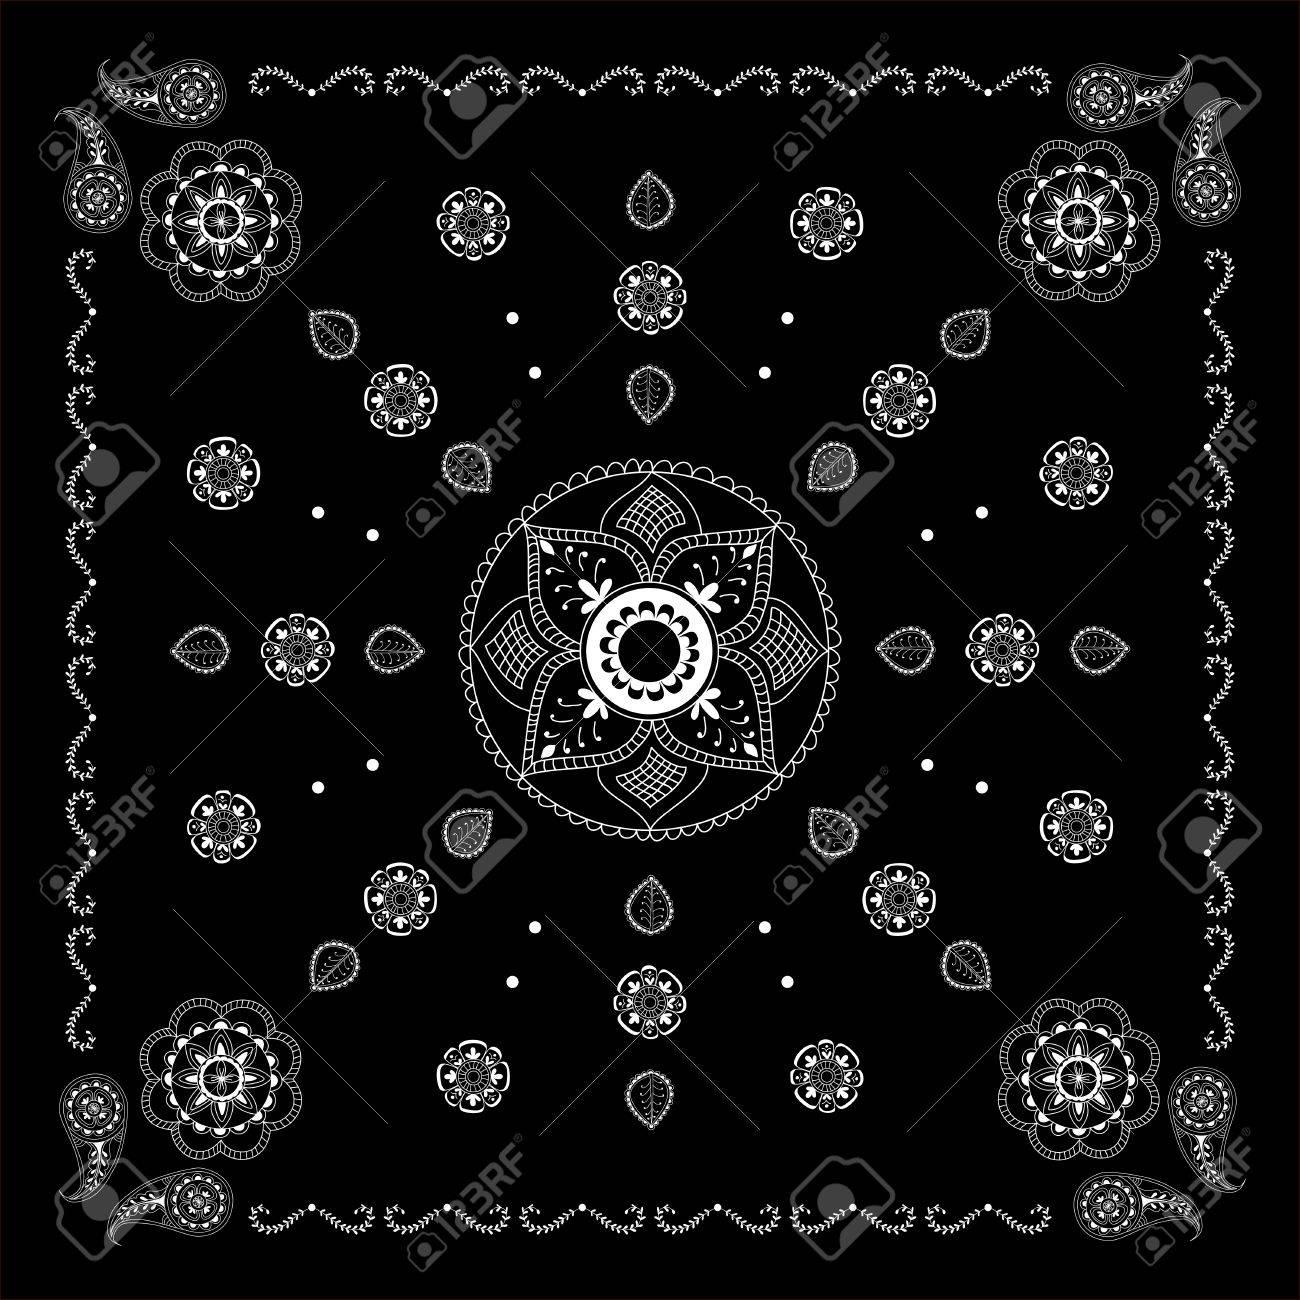 49c47952 Impresión bandana abstracto blanco y negro con un estilo elemento de henna.  Pañuelo patrón de diseño cuadrado. Diseño para la bufanda de cuello ...